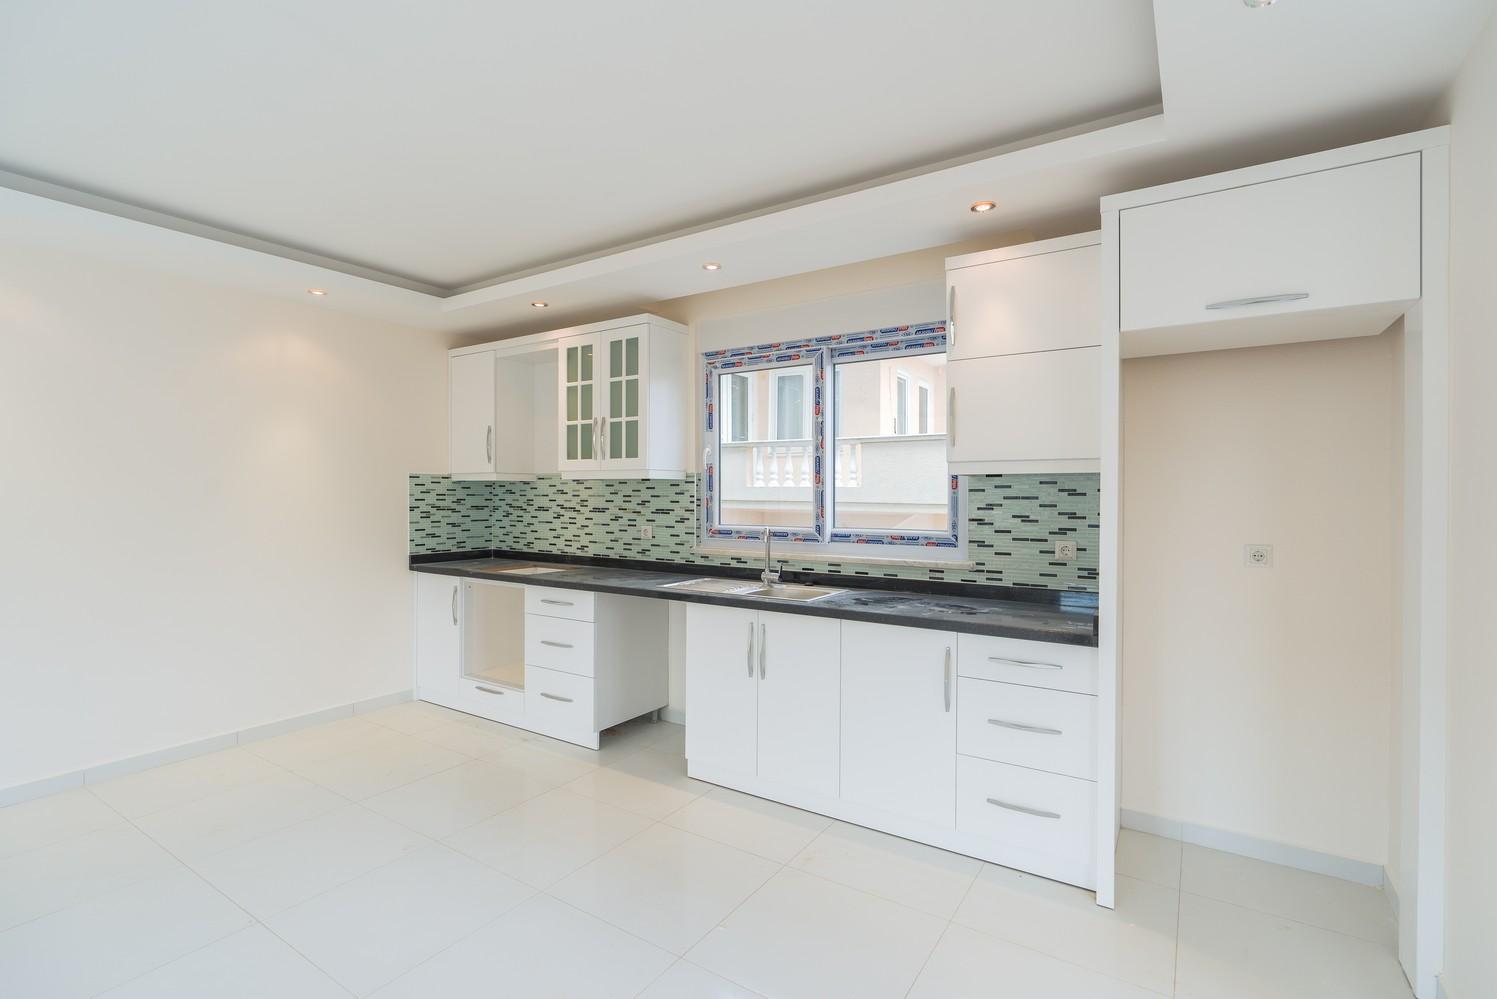 Инвестиция в просторные квартиры и пентхаусы - Фото 33